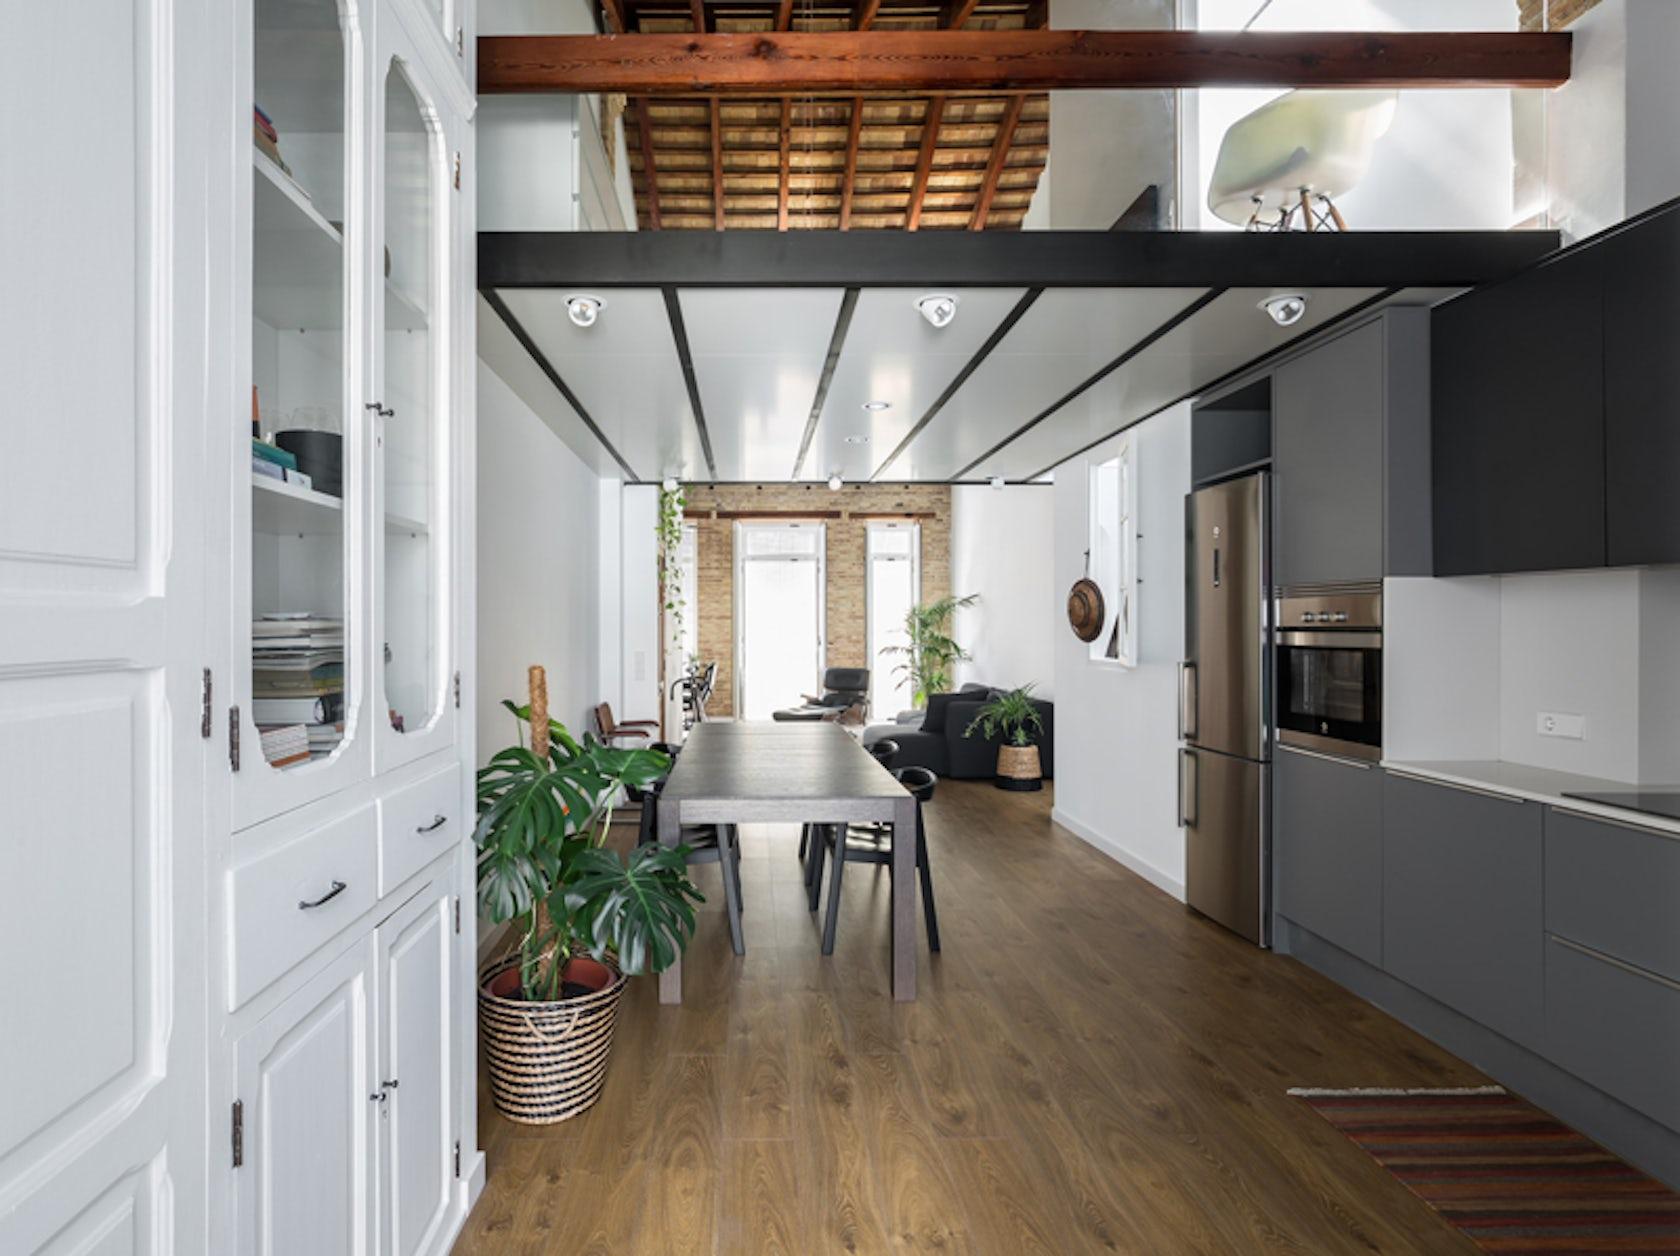 Loft renovation in 39 el caba al 39 architizer - Casas estrechas y largas ...